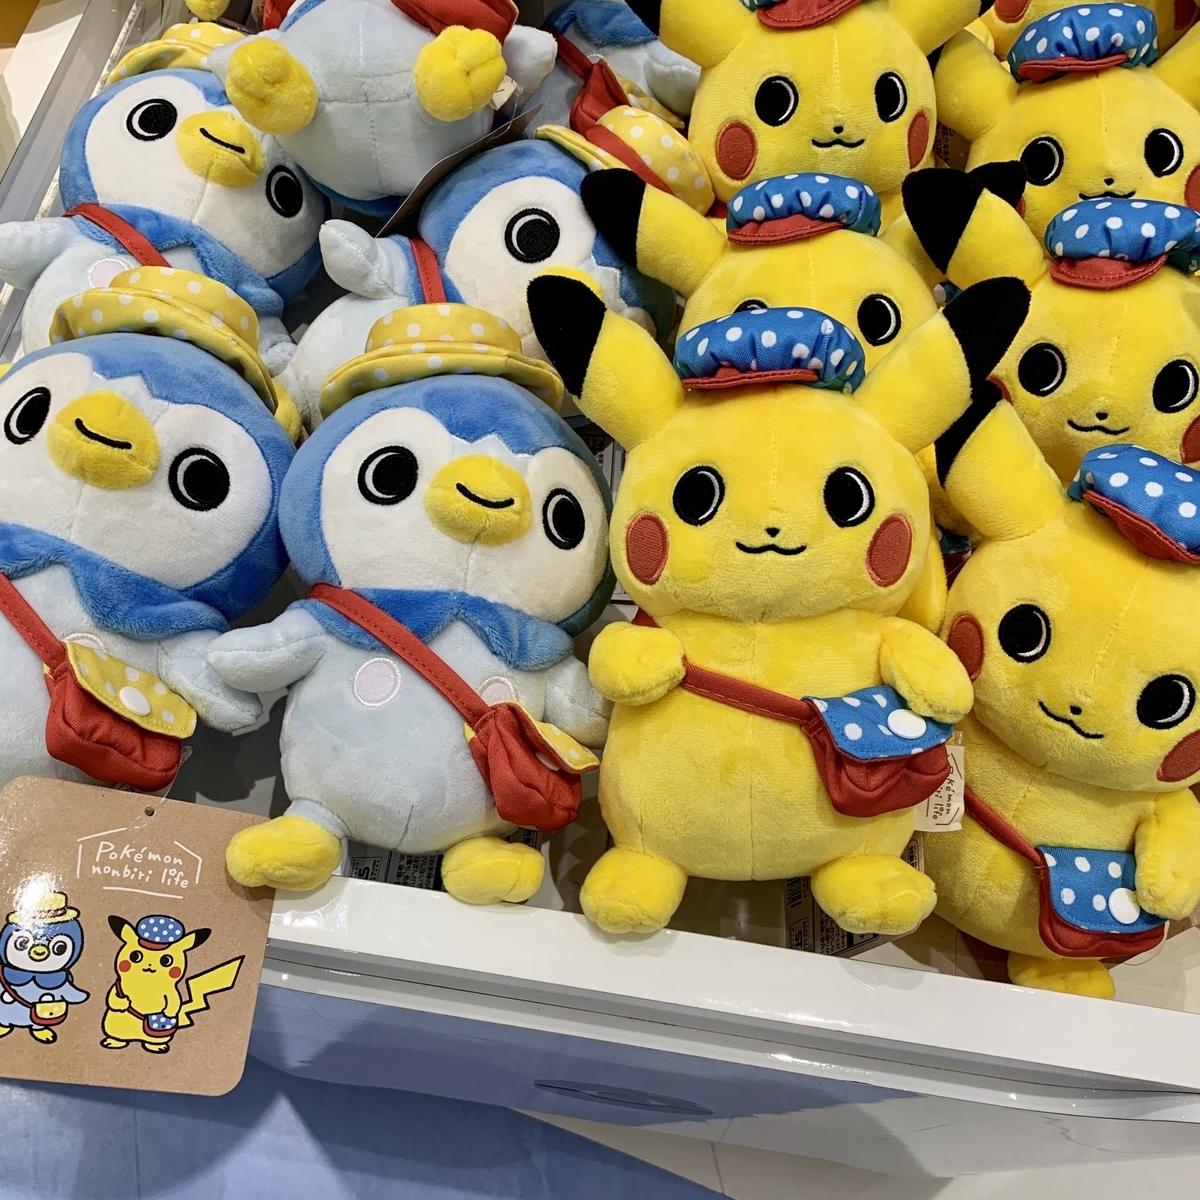 f:id:pikachu_pcn:20200212212913j:plain